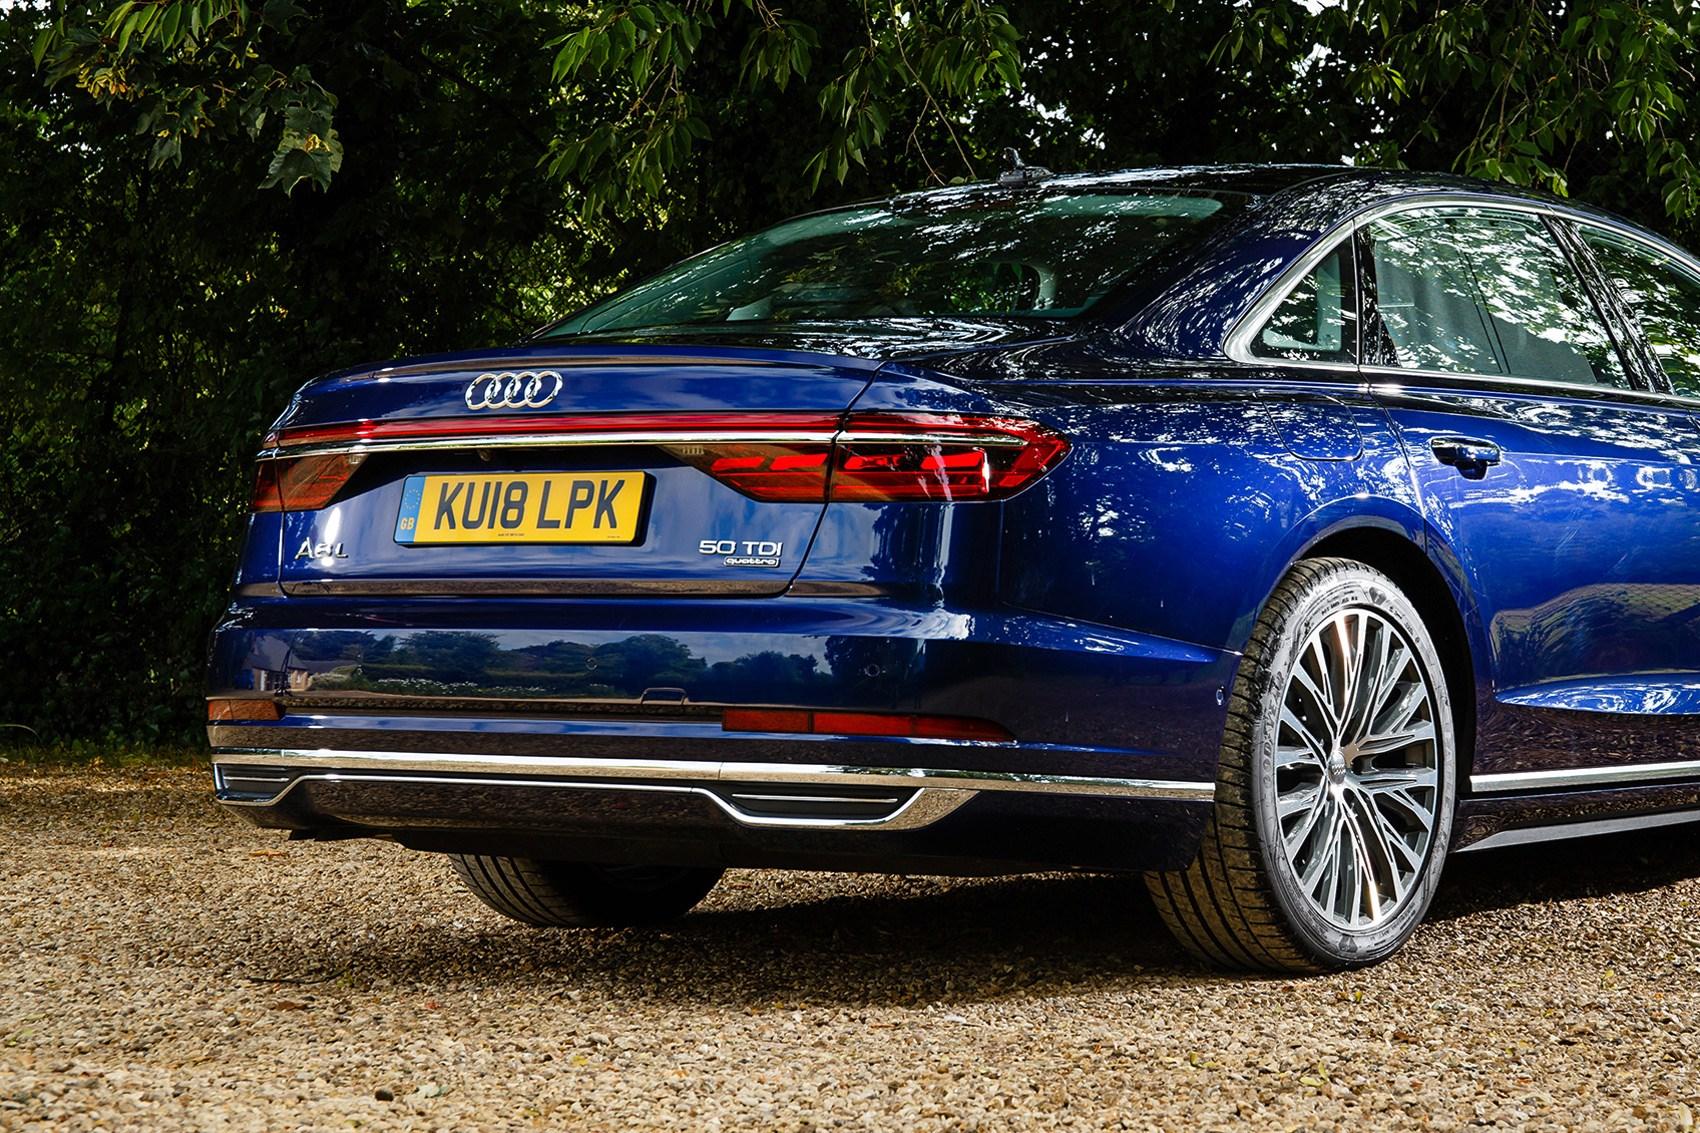 Kelebihan Kekurangan Audi A8 Tdi Spesifikasi